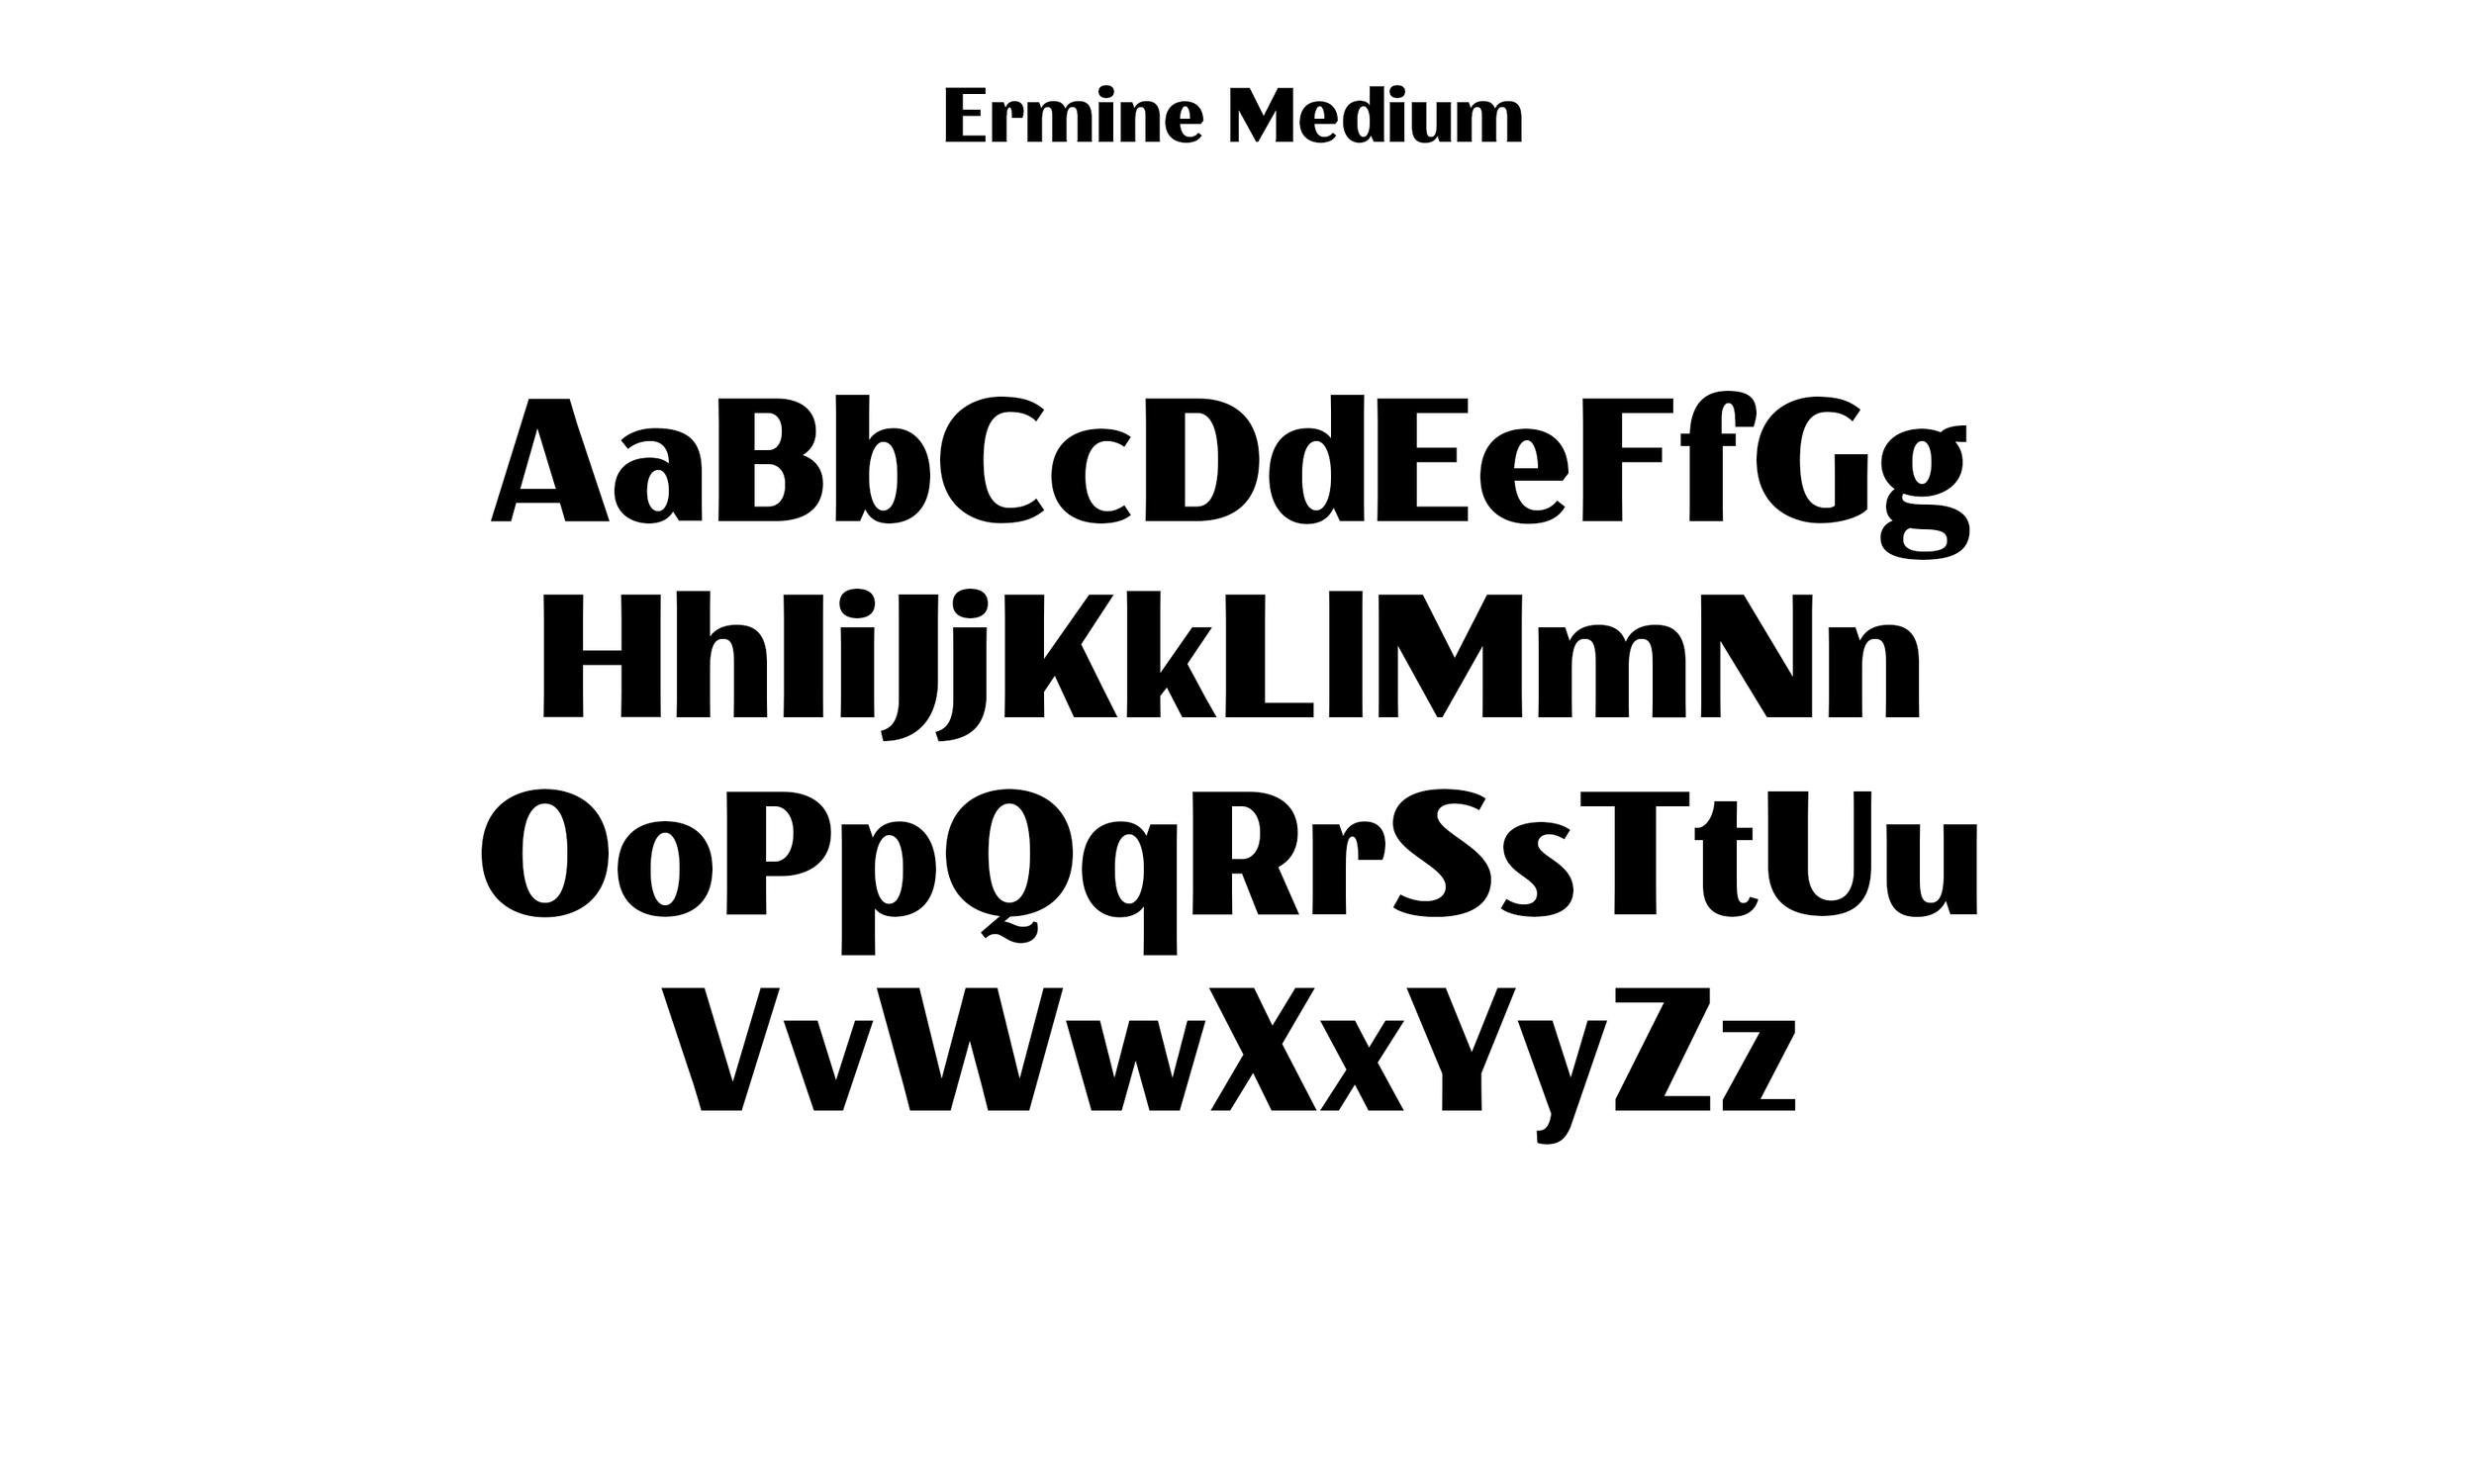 Badson_ErmineMedium_Slides4.jpg